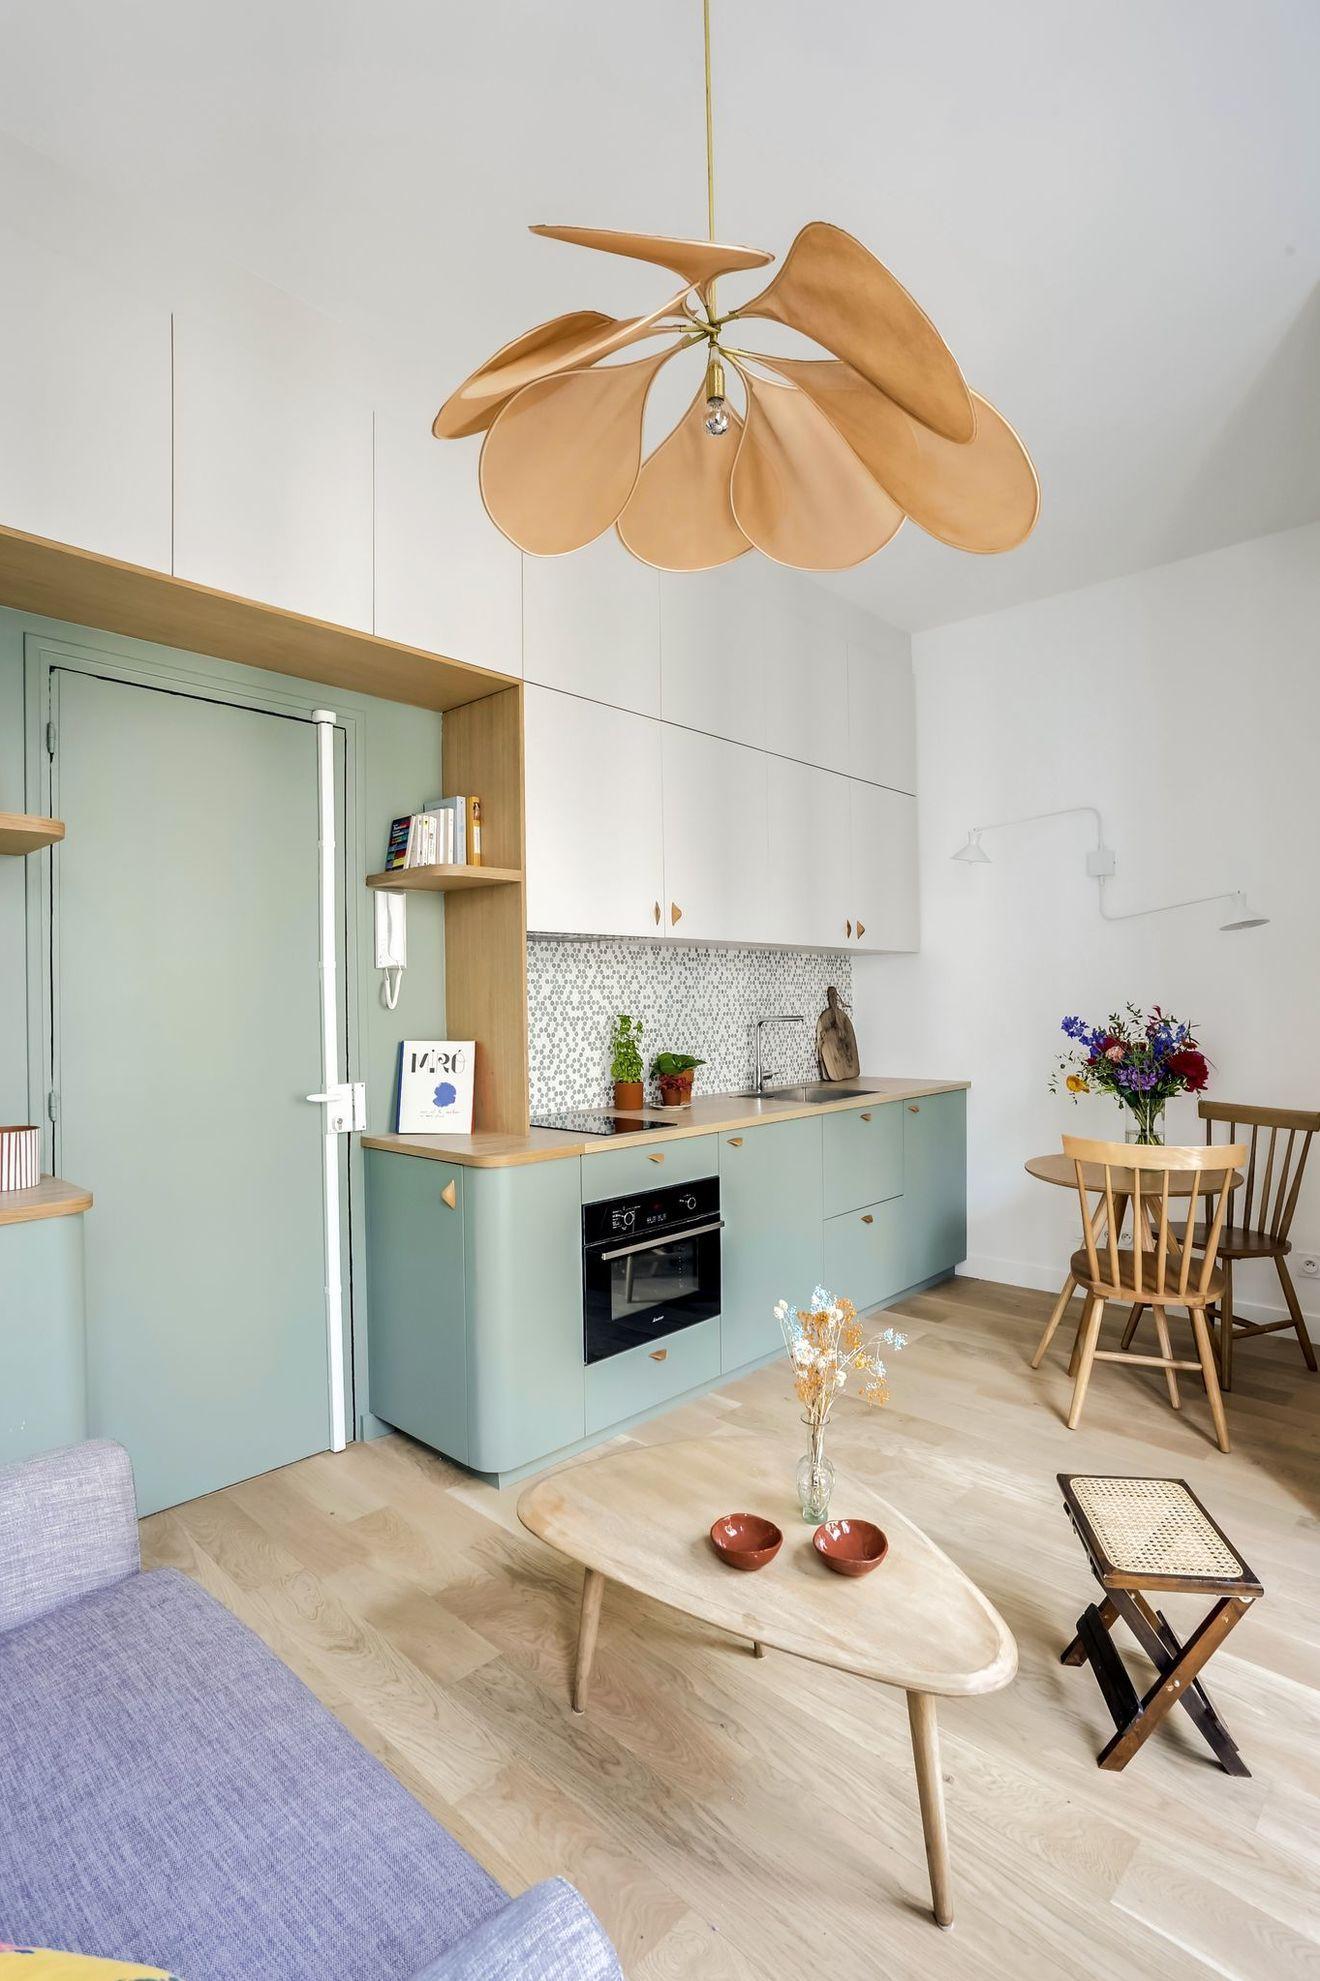 Studio Levallois Perret Un 22 M2 De Banlieue Parisienne Repense Deco Petit Appartement Cuisines Design Comment Amenager Un Petit Salon